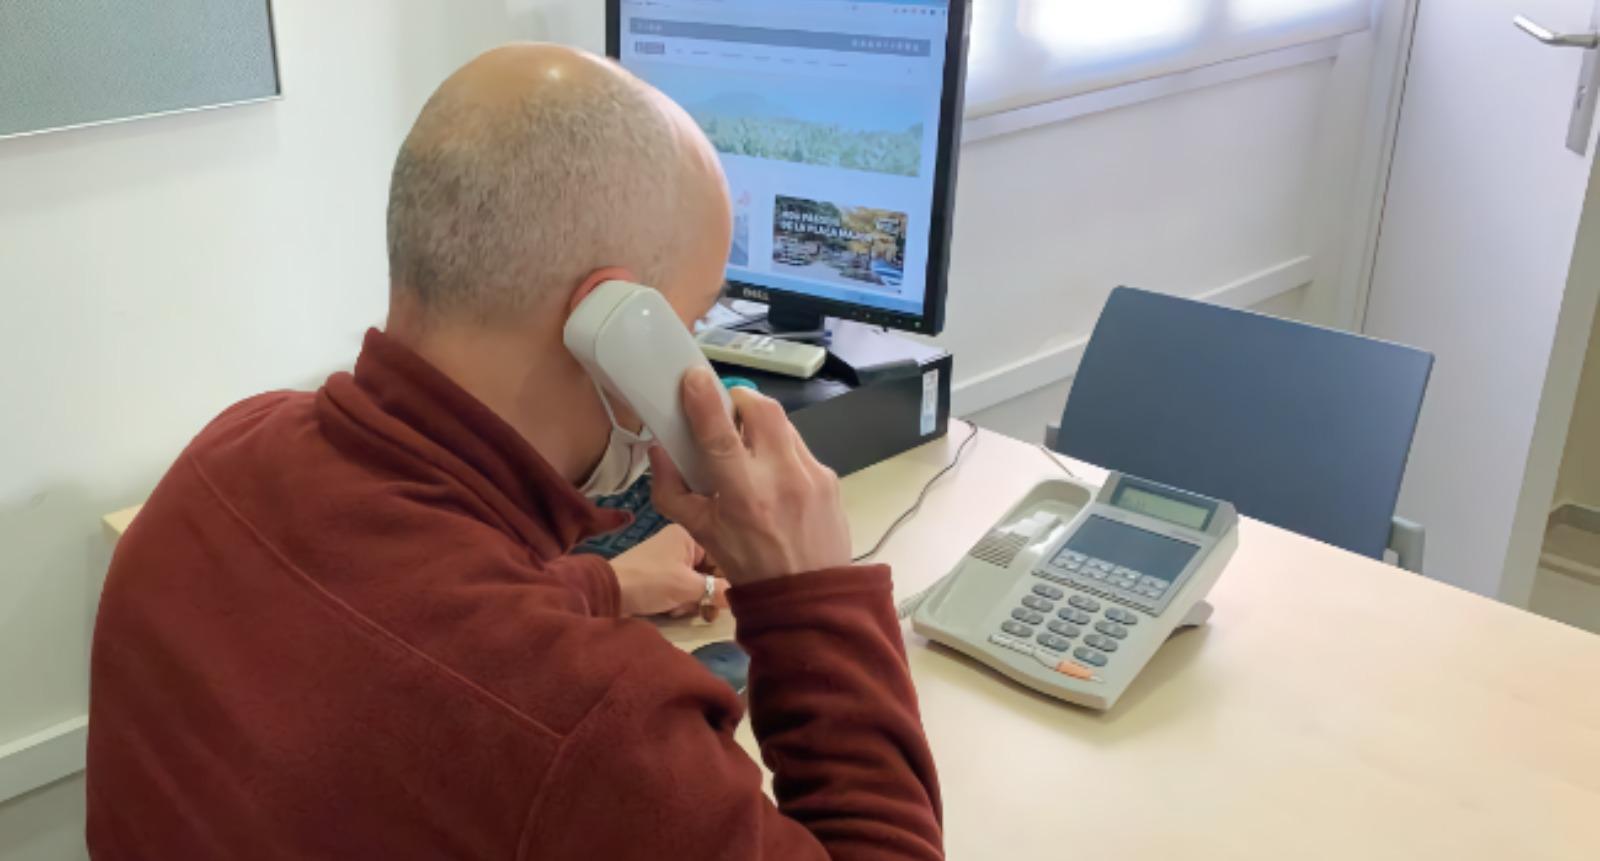 En marxa un servei de seguiment telefònic per detectar necessitats i mancances de persones grans que viuen soles